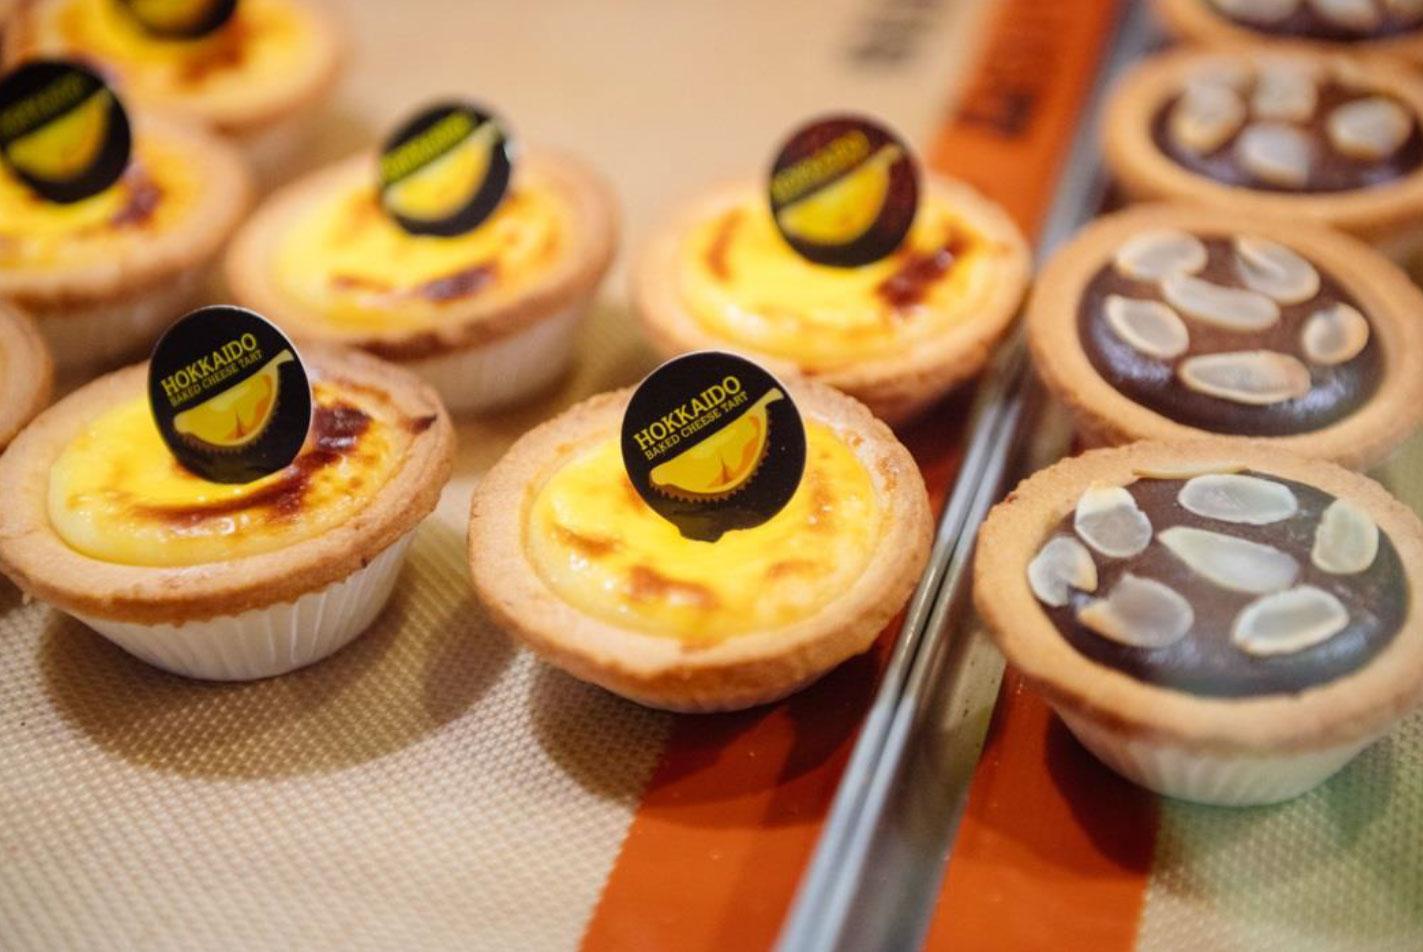 ขอเชิญมากรี๊ดกับ 3 ชีสทาร์ต จาก Hokkaido Baked Cheese Tart